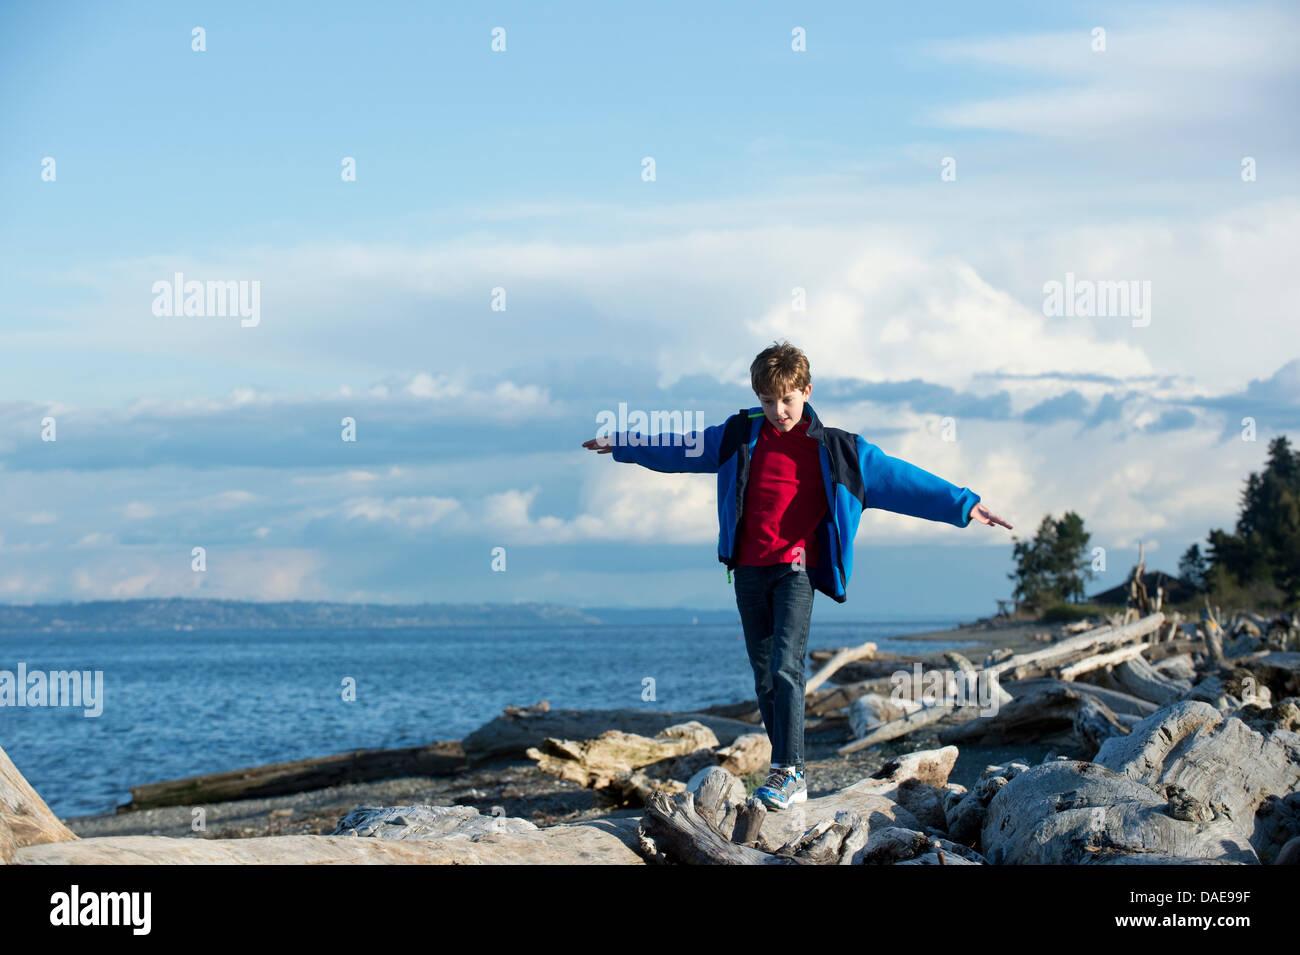 Kleiner Junge balancieren auf Baumstamm an Küste Stockbild